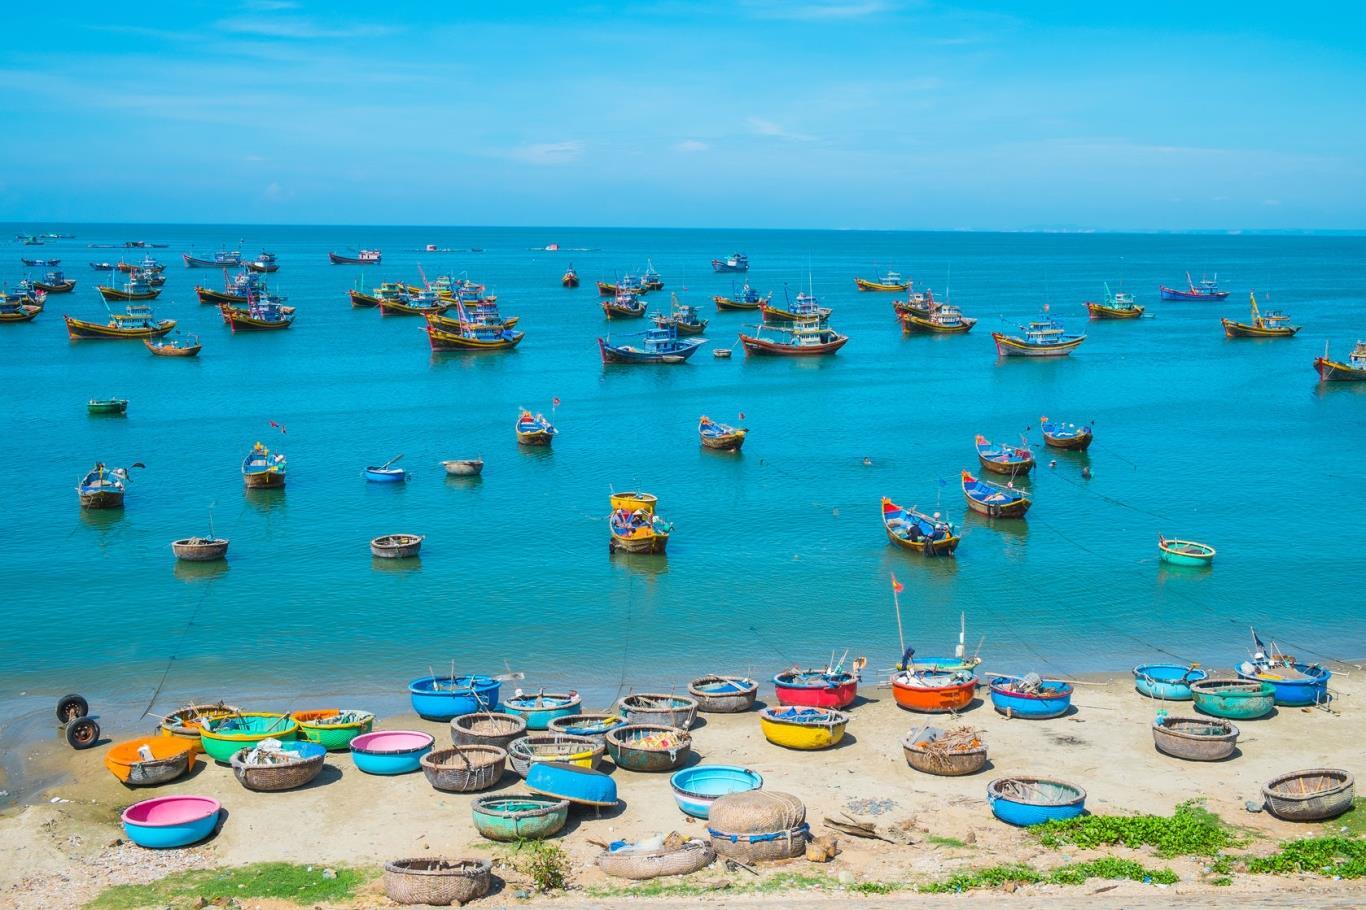 Lựa chọn thời điểm du lịch Phan Thiết giúp chuyến đi bạn vui hơn